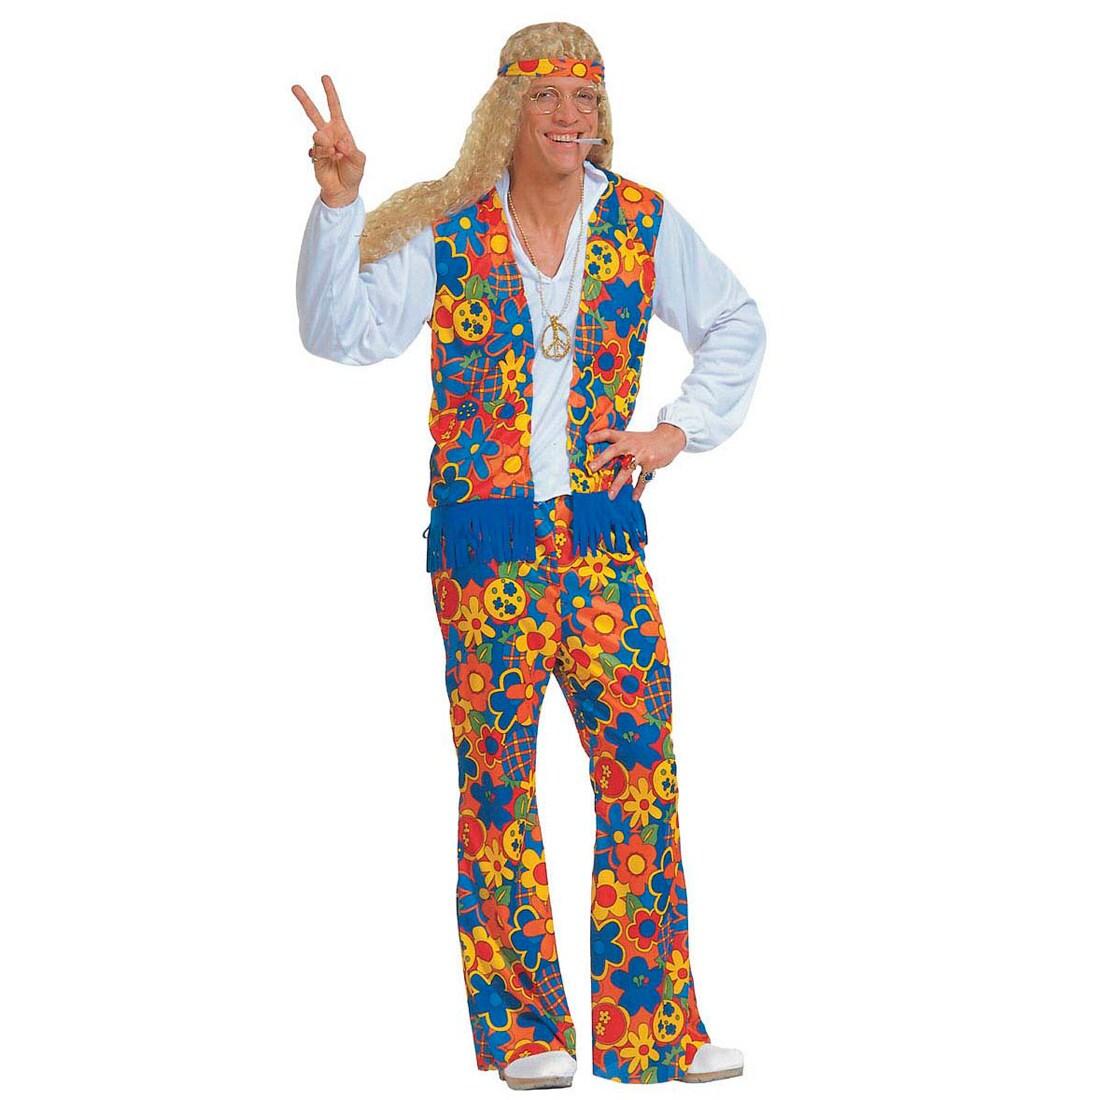 Herren Kostum Hippie Man Gr Xl Kostume Fasching 27 99